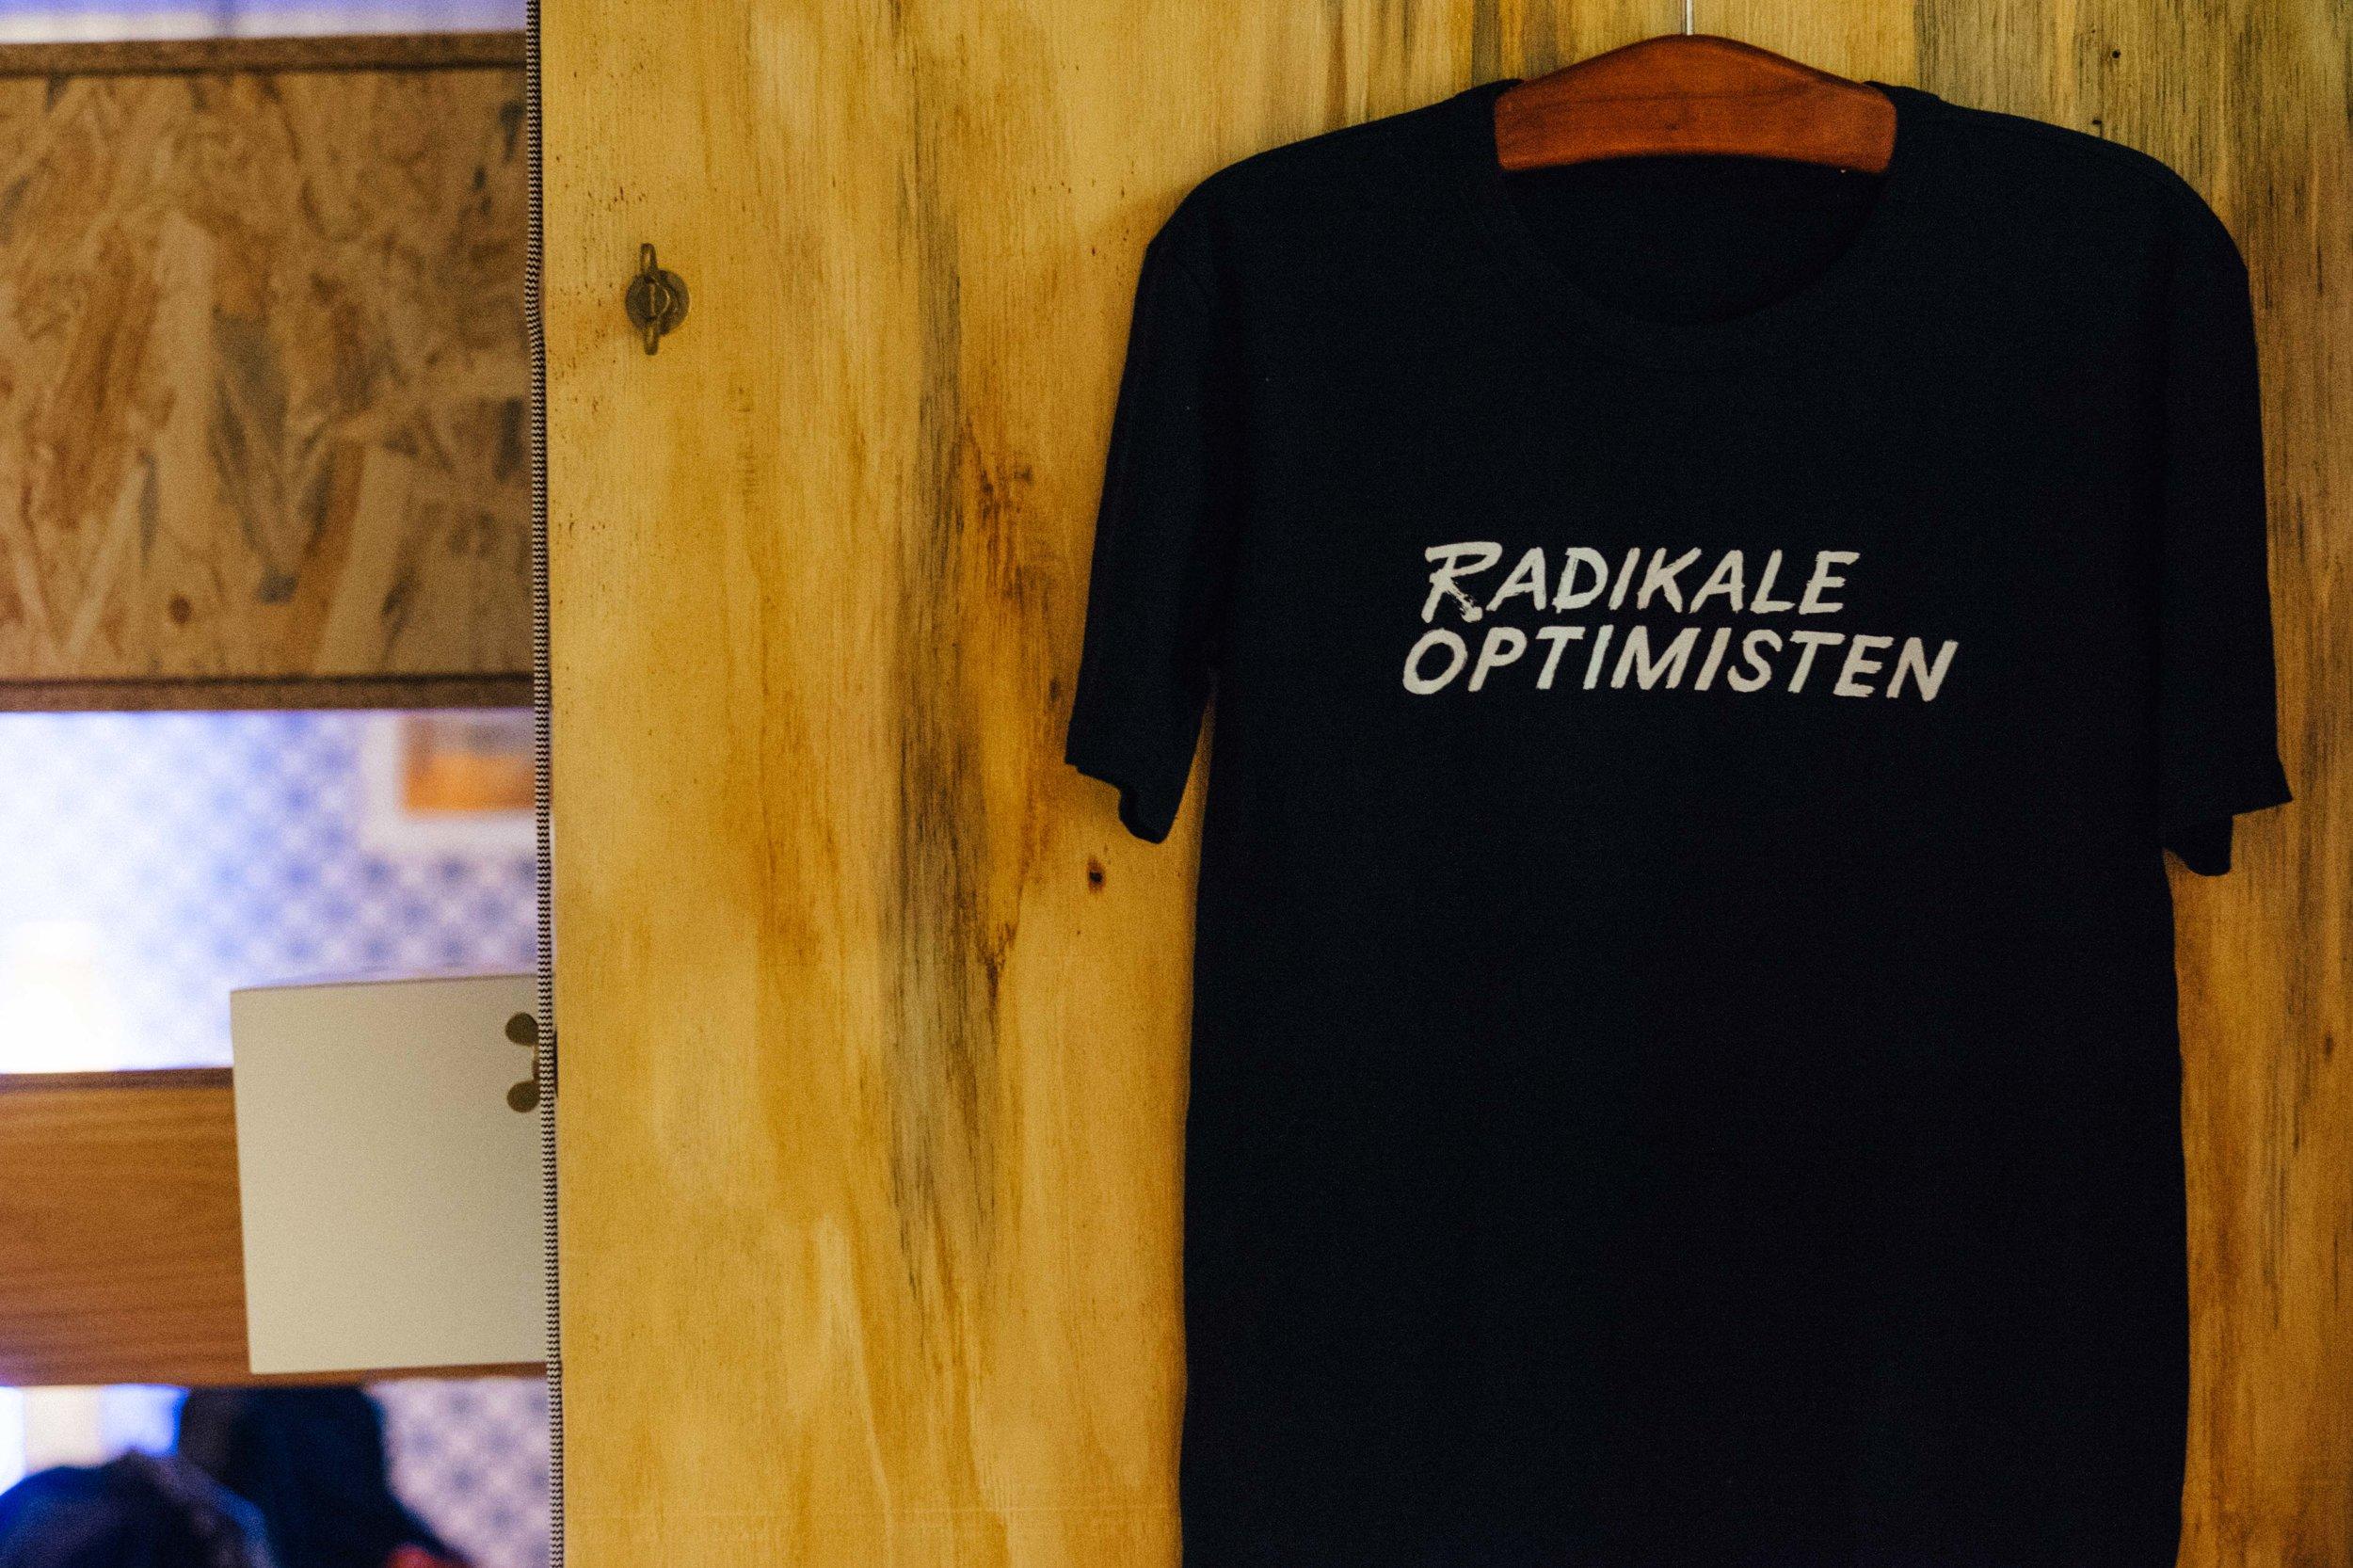 radikalen-optimisten-koeln-atheneadiapoulis-23.jpg